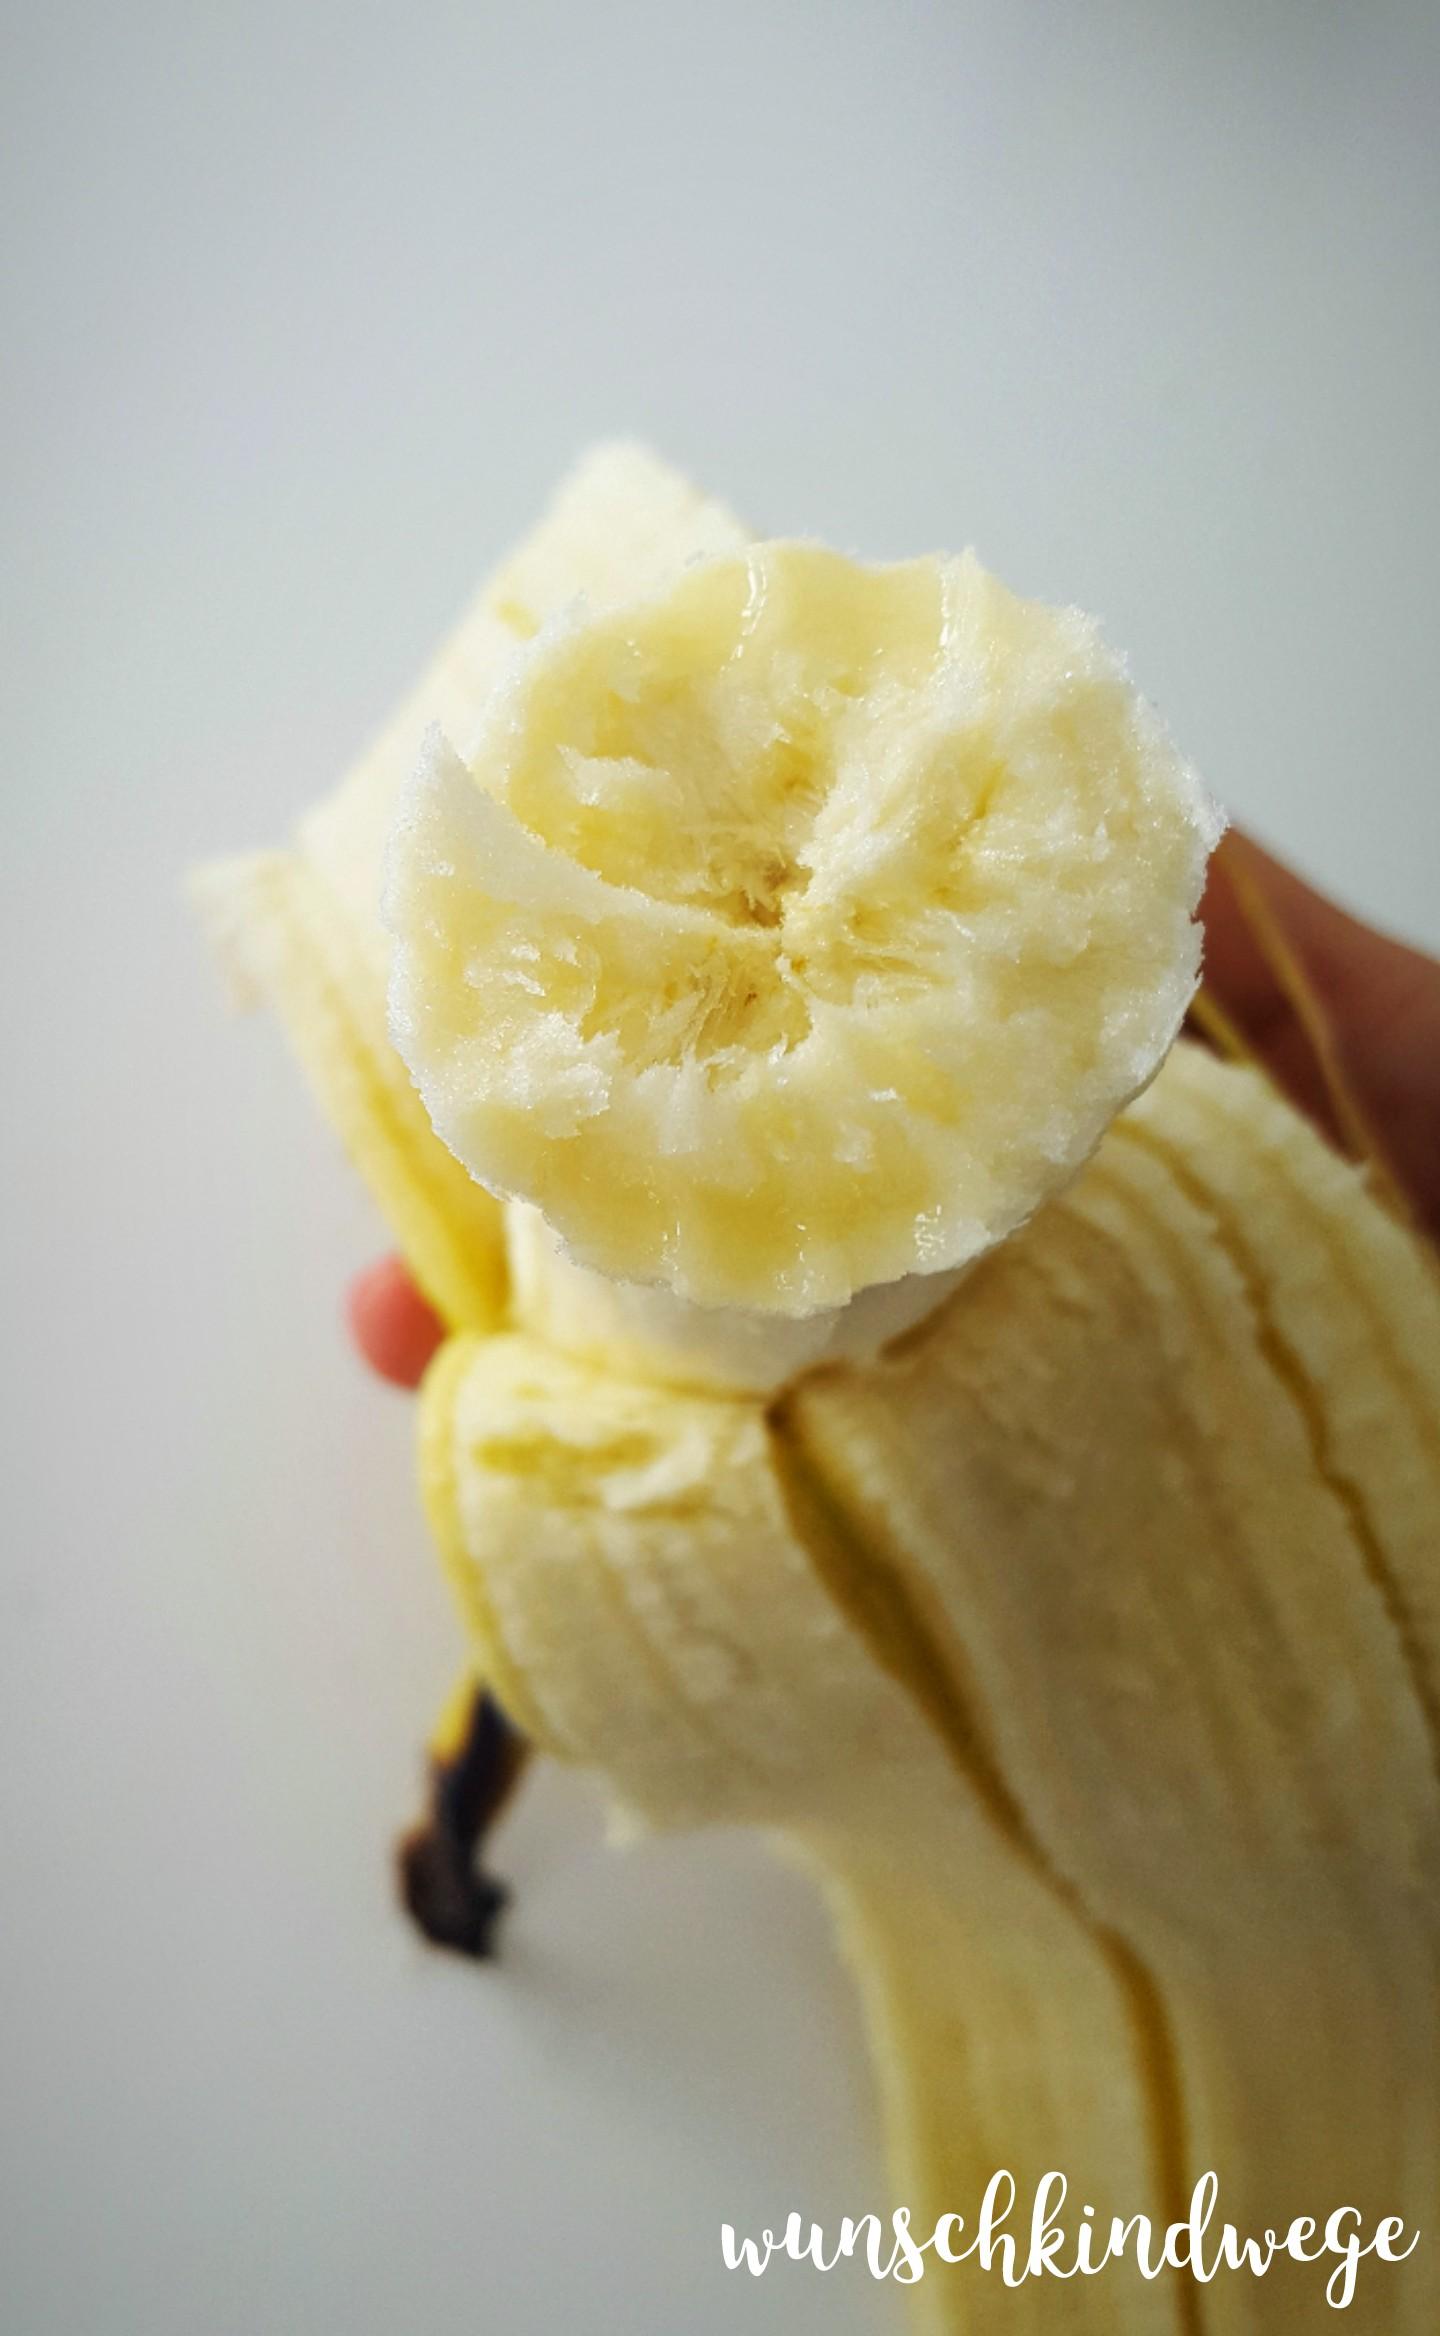 12 von 12 - September 2017: Banane zum Mittagessen